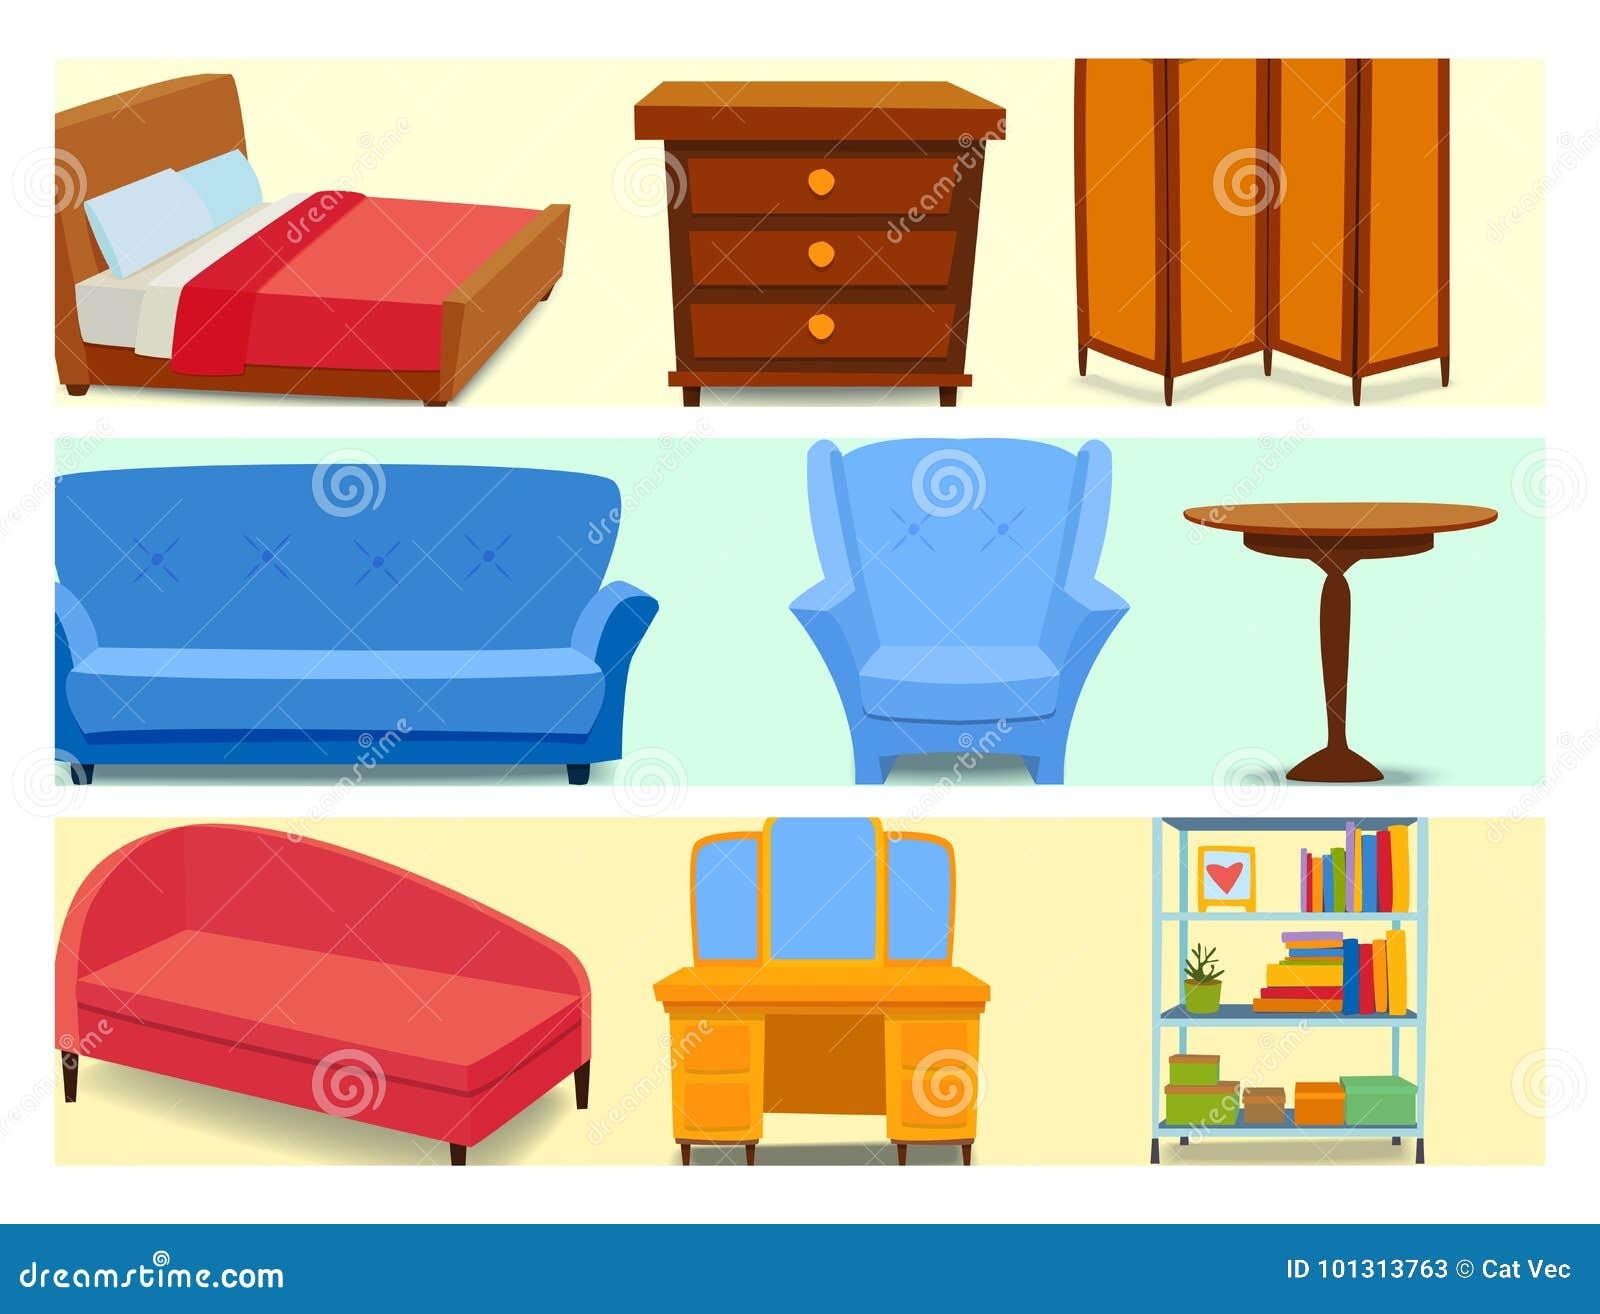 Les icônes intérieures de meubles autoguident l illustration confortable de vecteur de divan d appartement de salon de conception